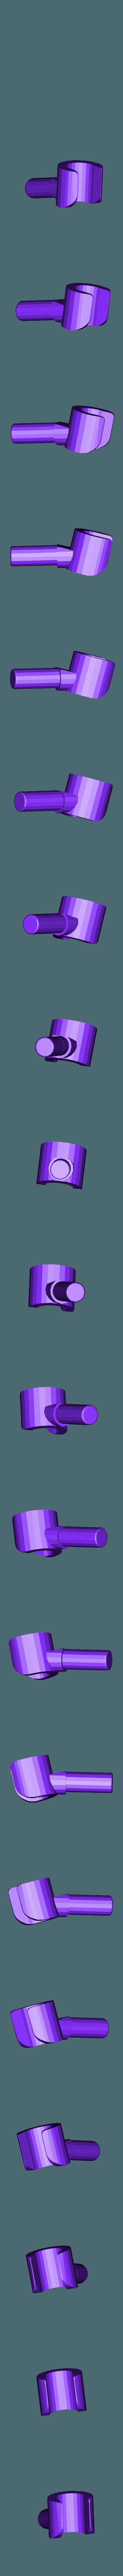 Troll-Hand.stl Télécharger fichier STL gratuit Lego compatible Giantic Troll Giantic Troll • Objet à imprimer en 3D, plokr